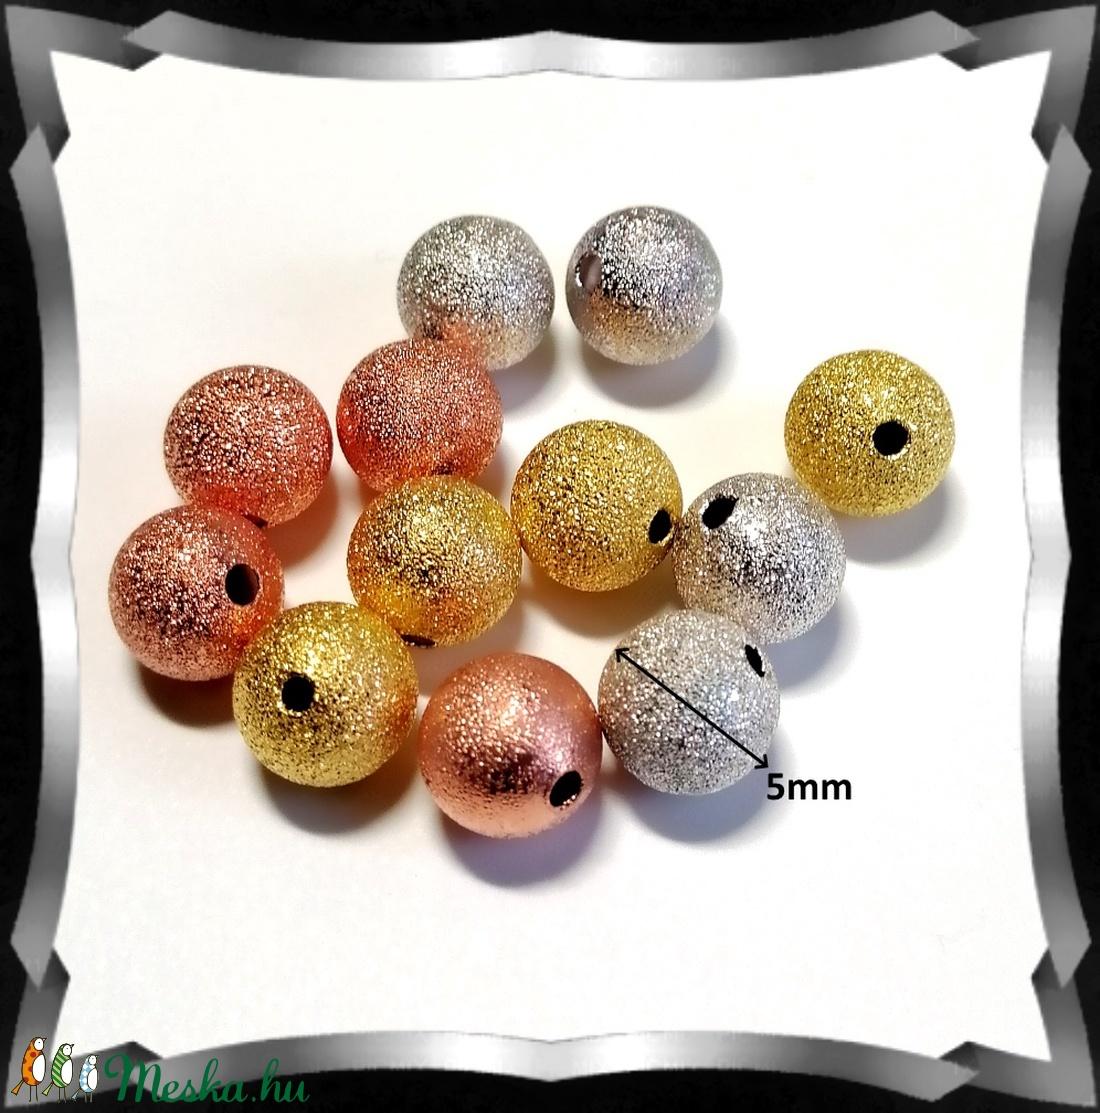 Ékszerkellék: gyöngy, fém gyöngy BGY F 02K 6X6 10db/csomag ezüst/arany - gyöngy, ékszerkellék - fém köztesek - Meska.hu